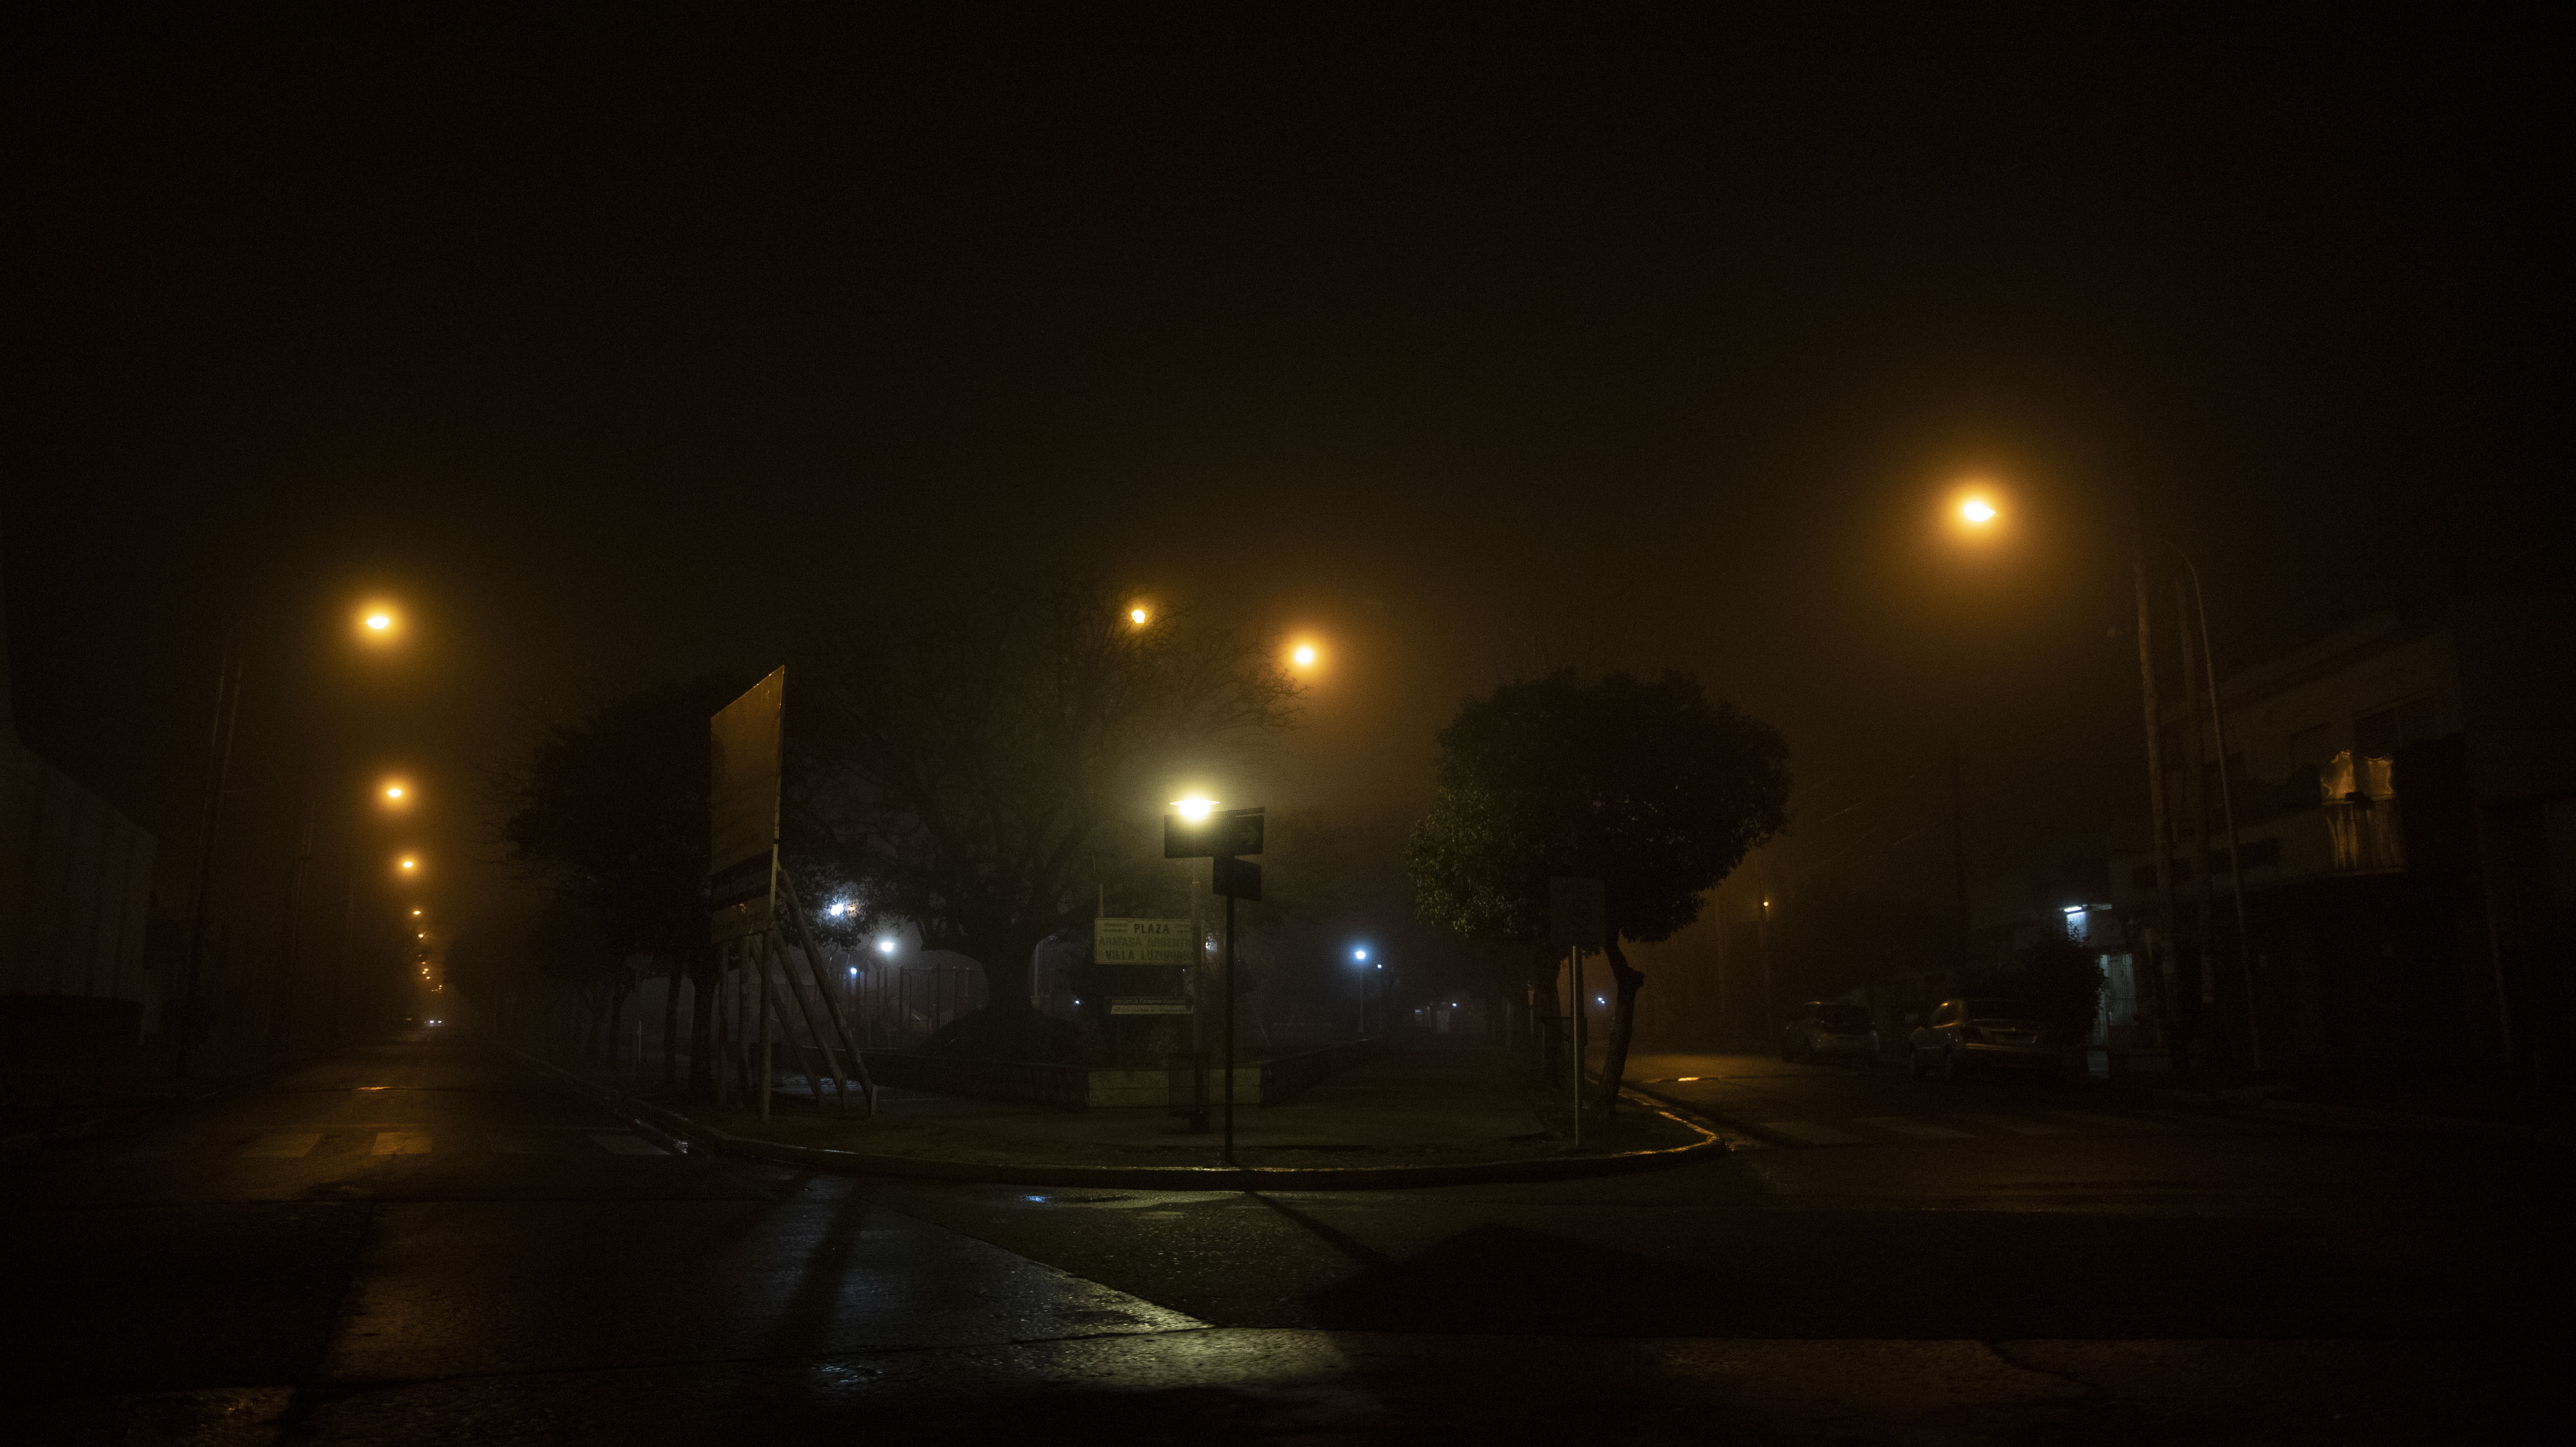 La única diferencia entre neblina y niebla es la intensidad de las partículas, que se expresa en términos de visibilidad: si el fenómeno da una visión de 1.000 metros o menos, es considerado como niebla; y si permite ver a más de 1.000 metros, el fenómeno es considerado como neblina.